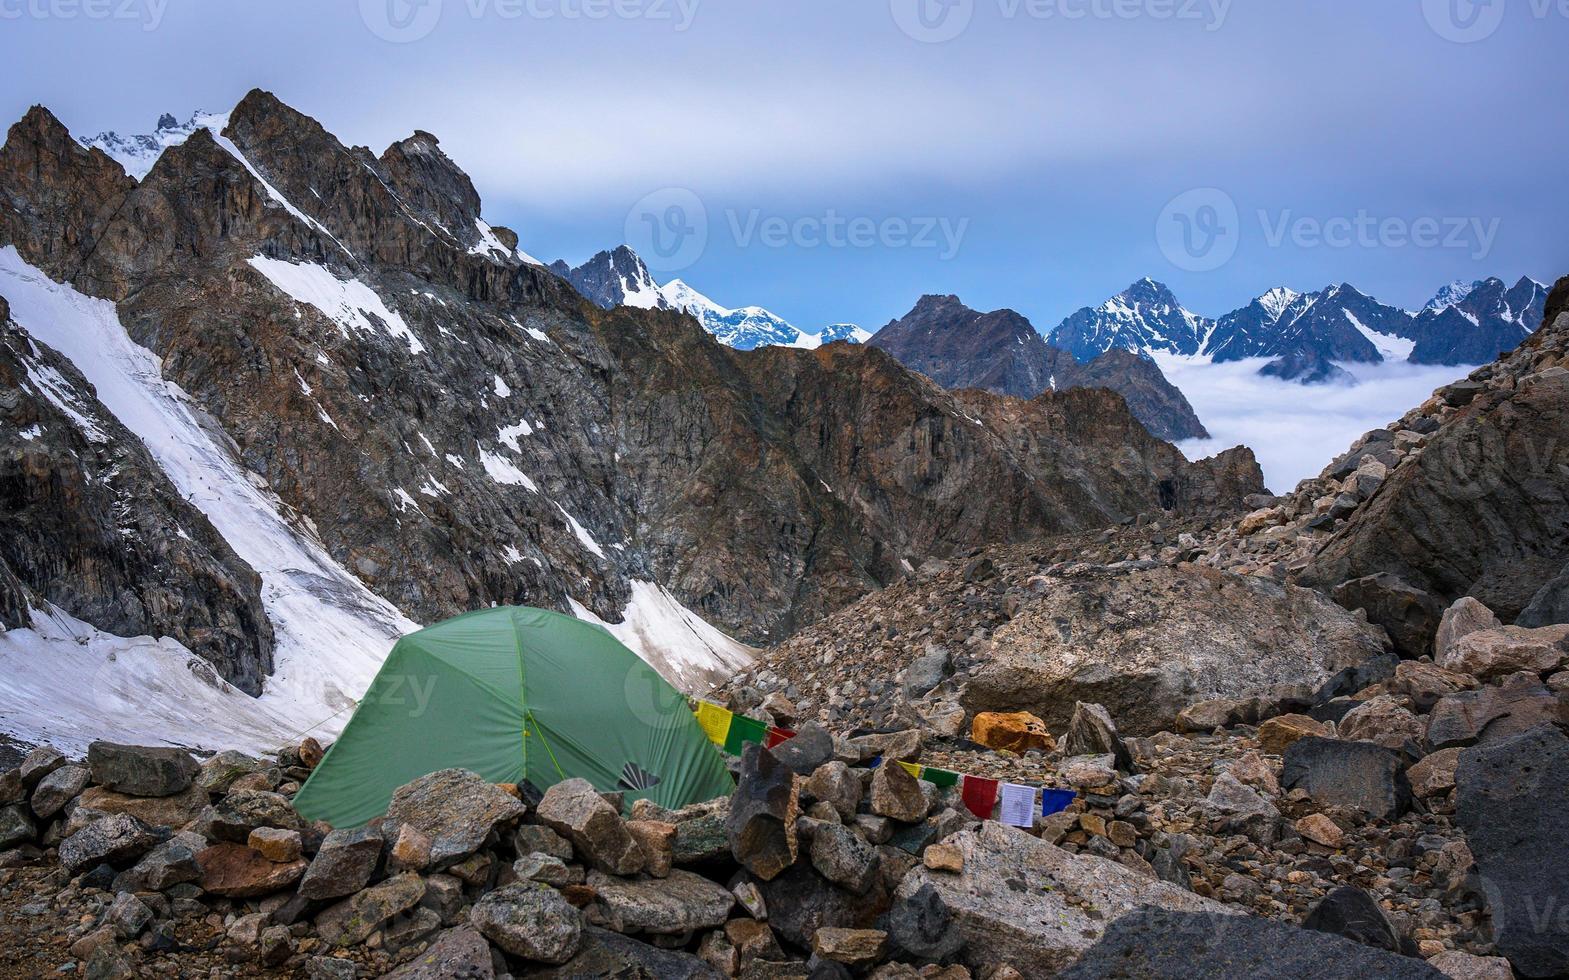 alpinisti solitari si accampano in altissime montagne innevate accanto al ghiacciaio. foto